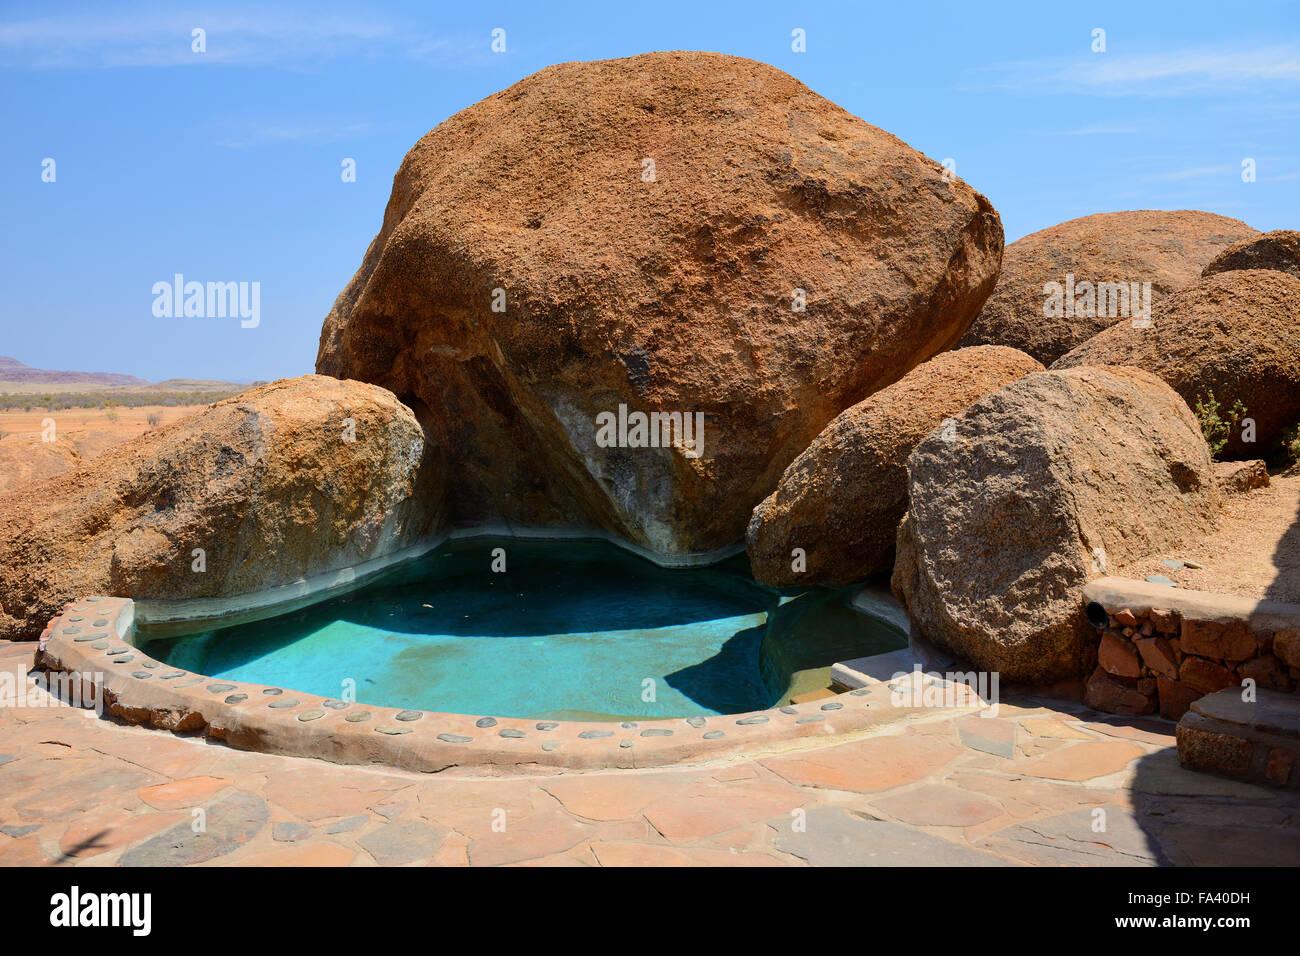 Plunge pool at Camp Kipwe Lodge in Damaraland, Namibia - Stock Image